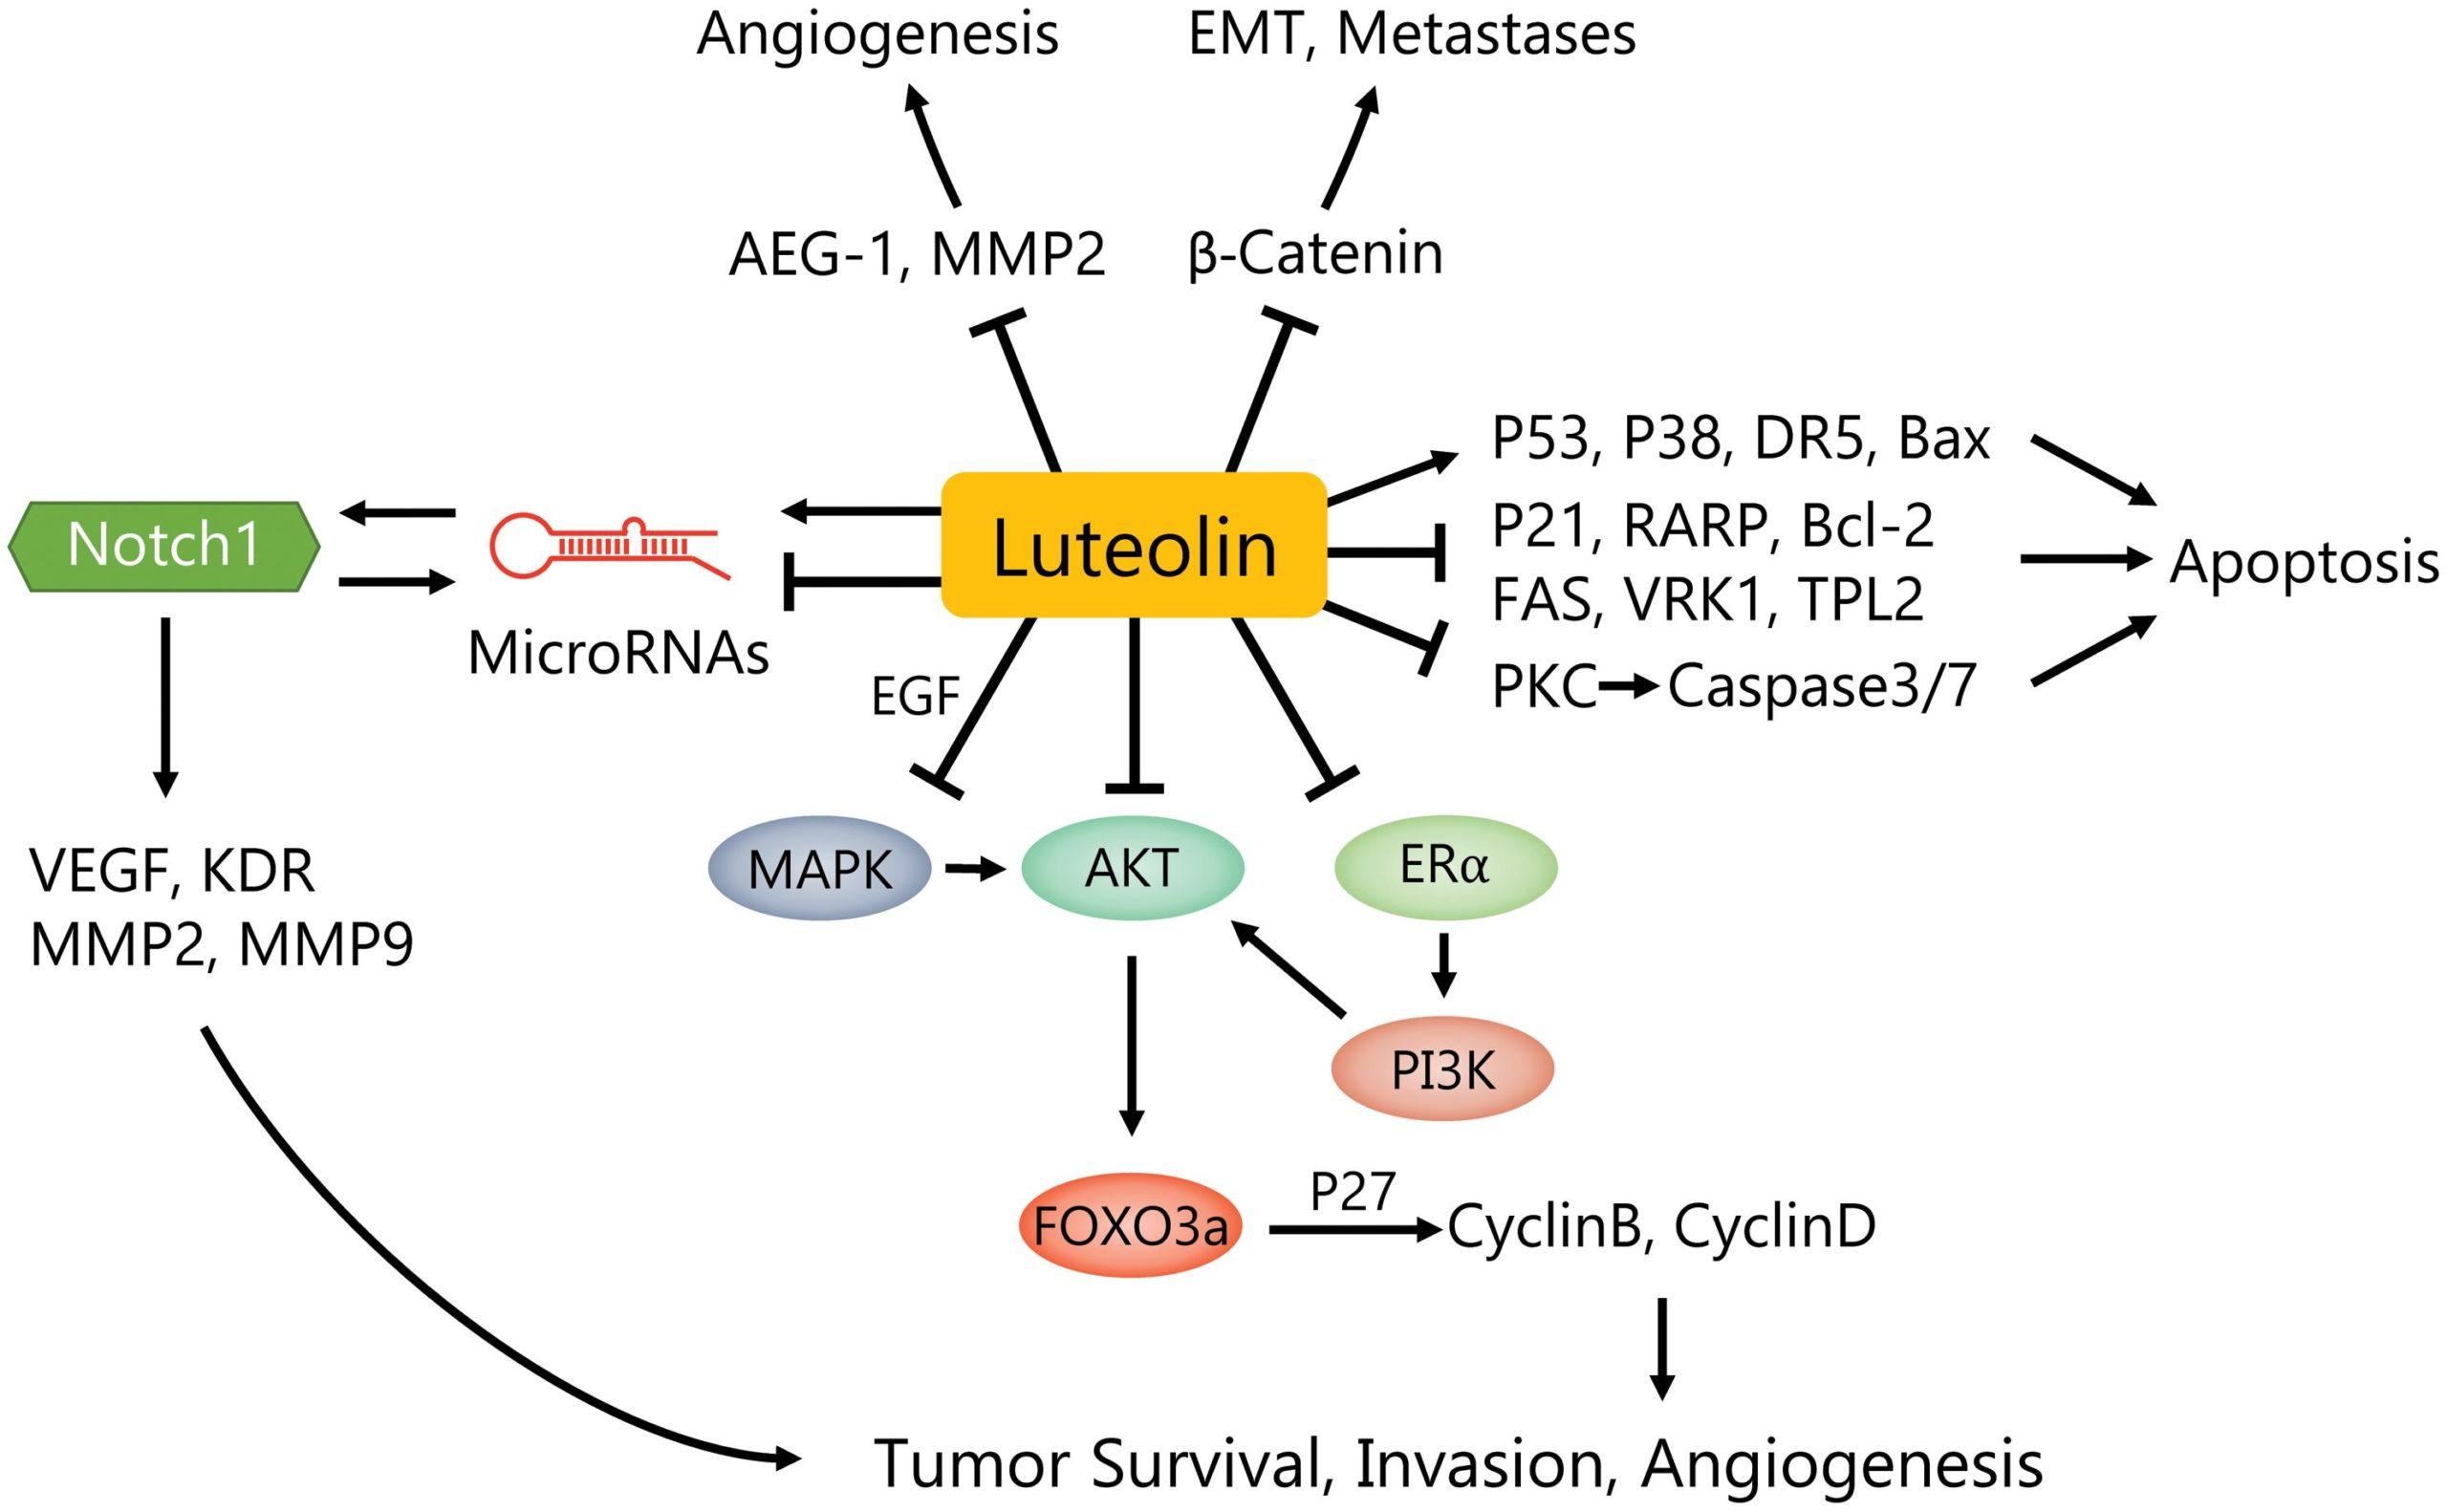 Лютеолин подавляет клетки рака молочной железы